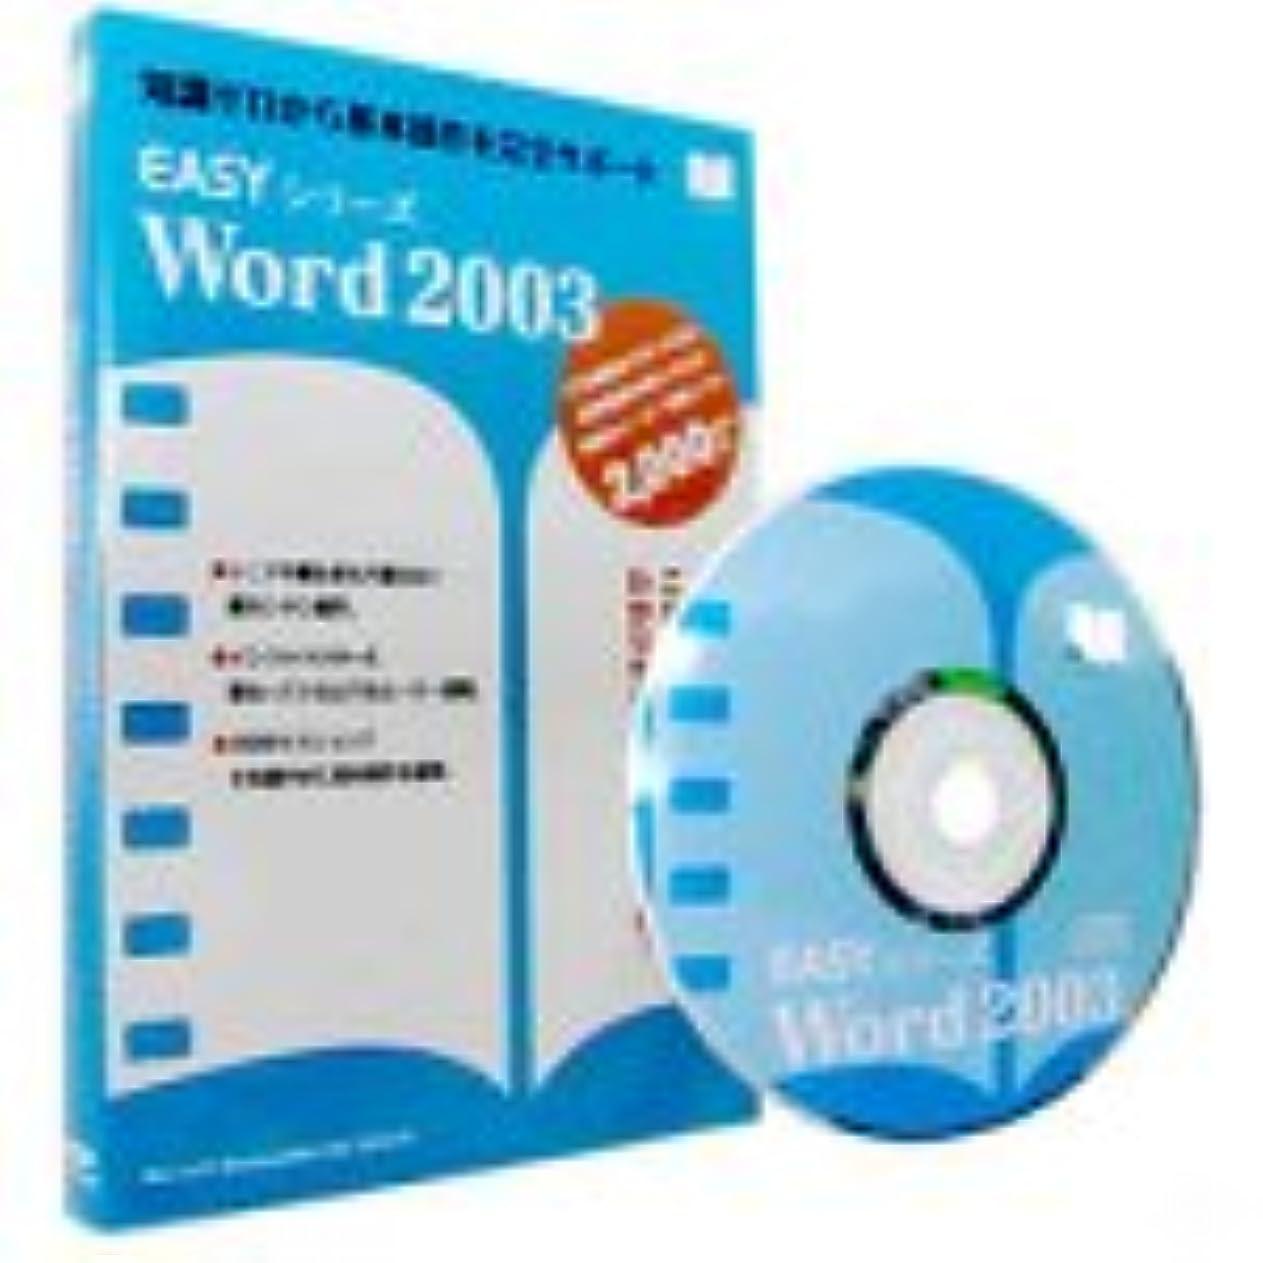 品キャンプ知るEasyシリーズ Word2003 (スリムパッケージ版)